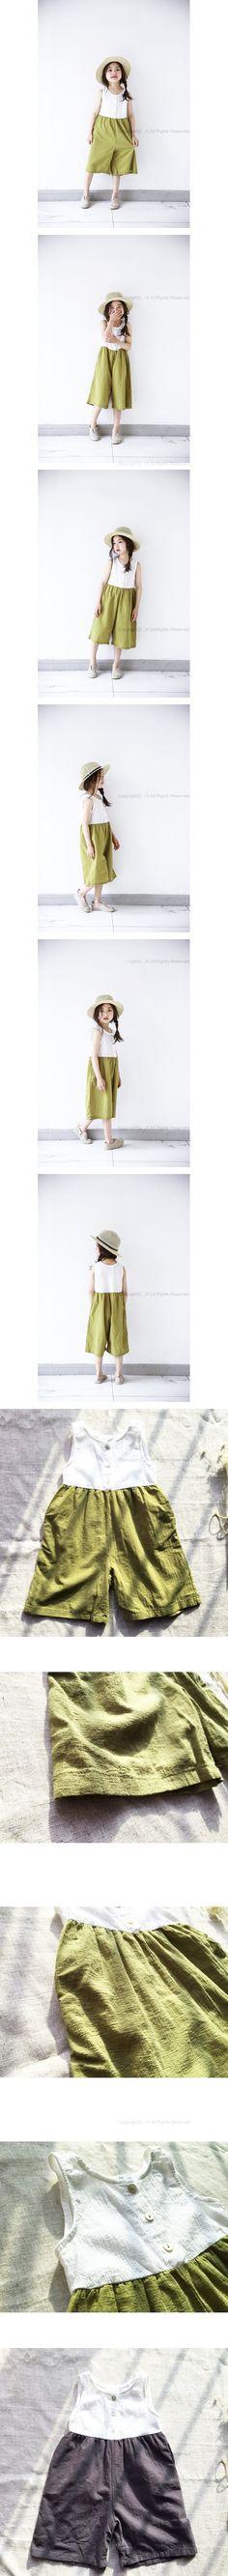 【楽天市場】コンビスーツ サロペット 薄手 グレー カーキ 韓国子供服 男の子 女の子 90cm 100cm 110cm 120cm 130cm:イプニア